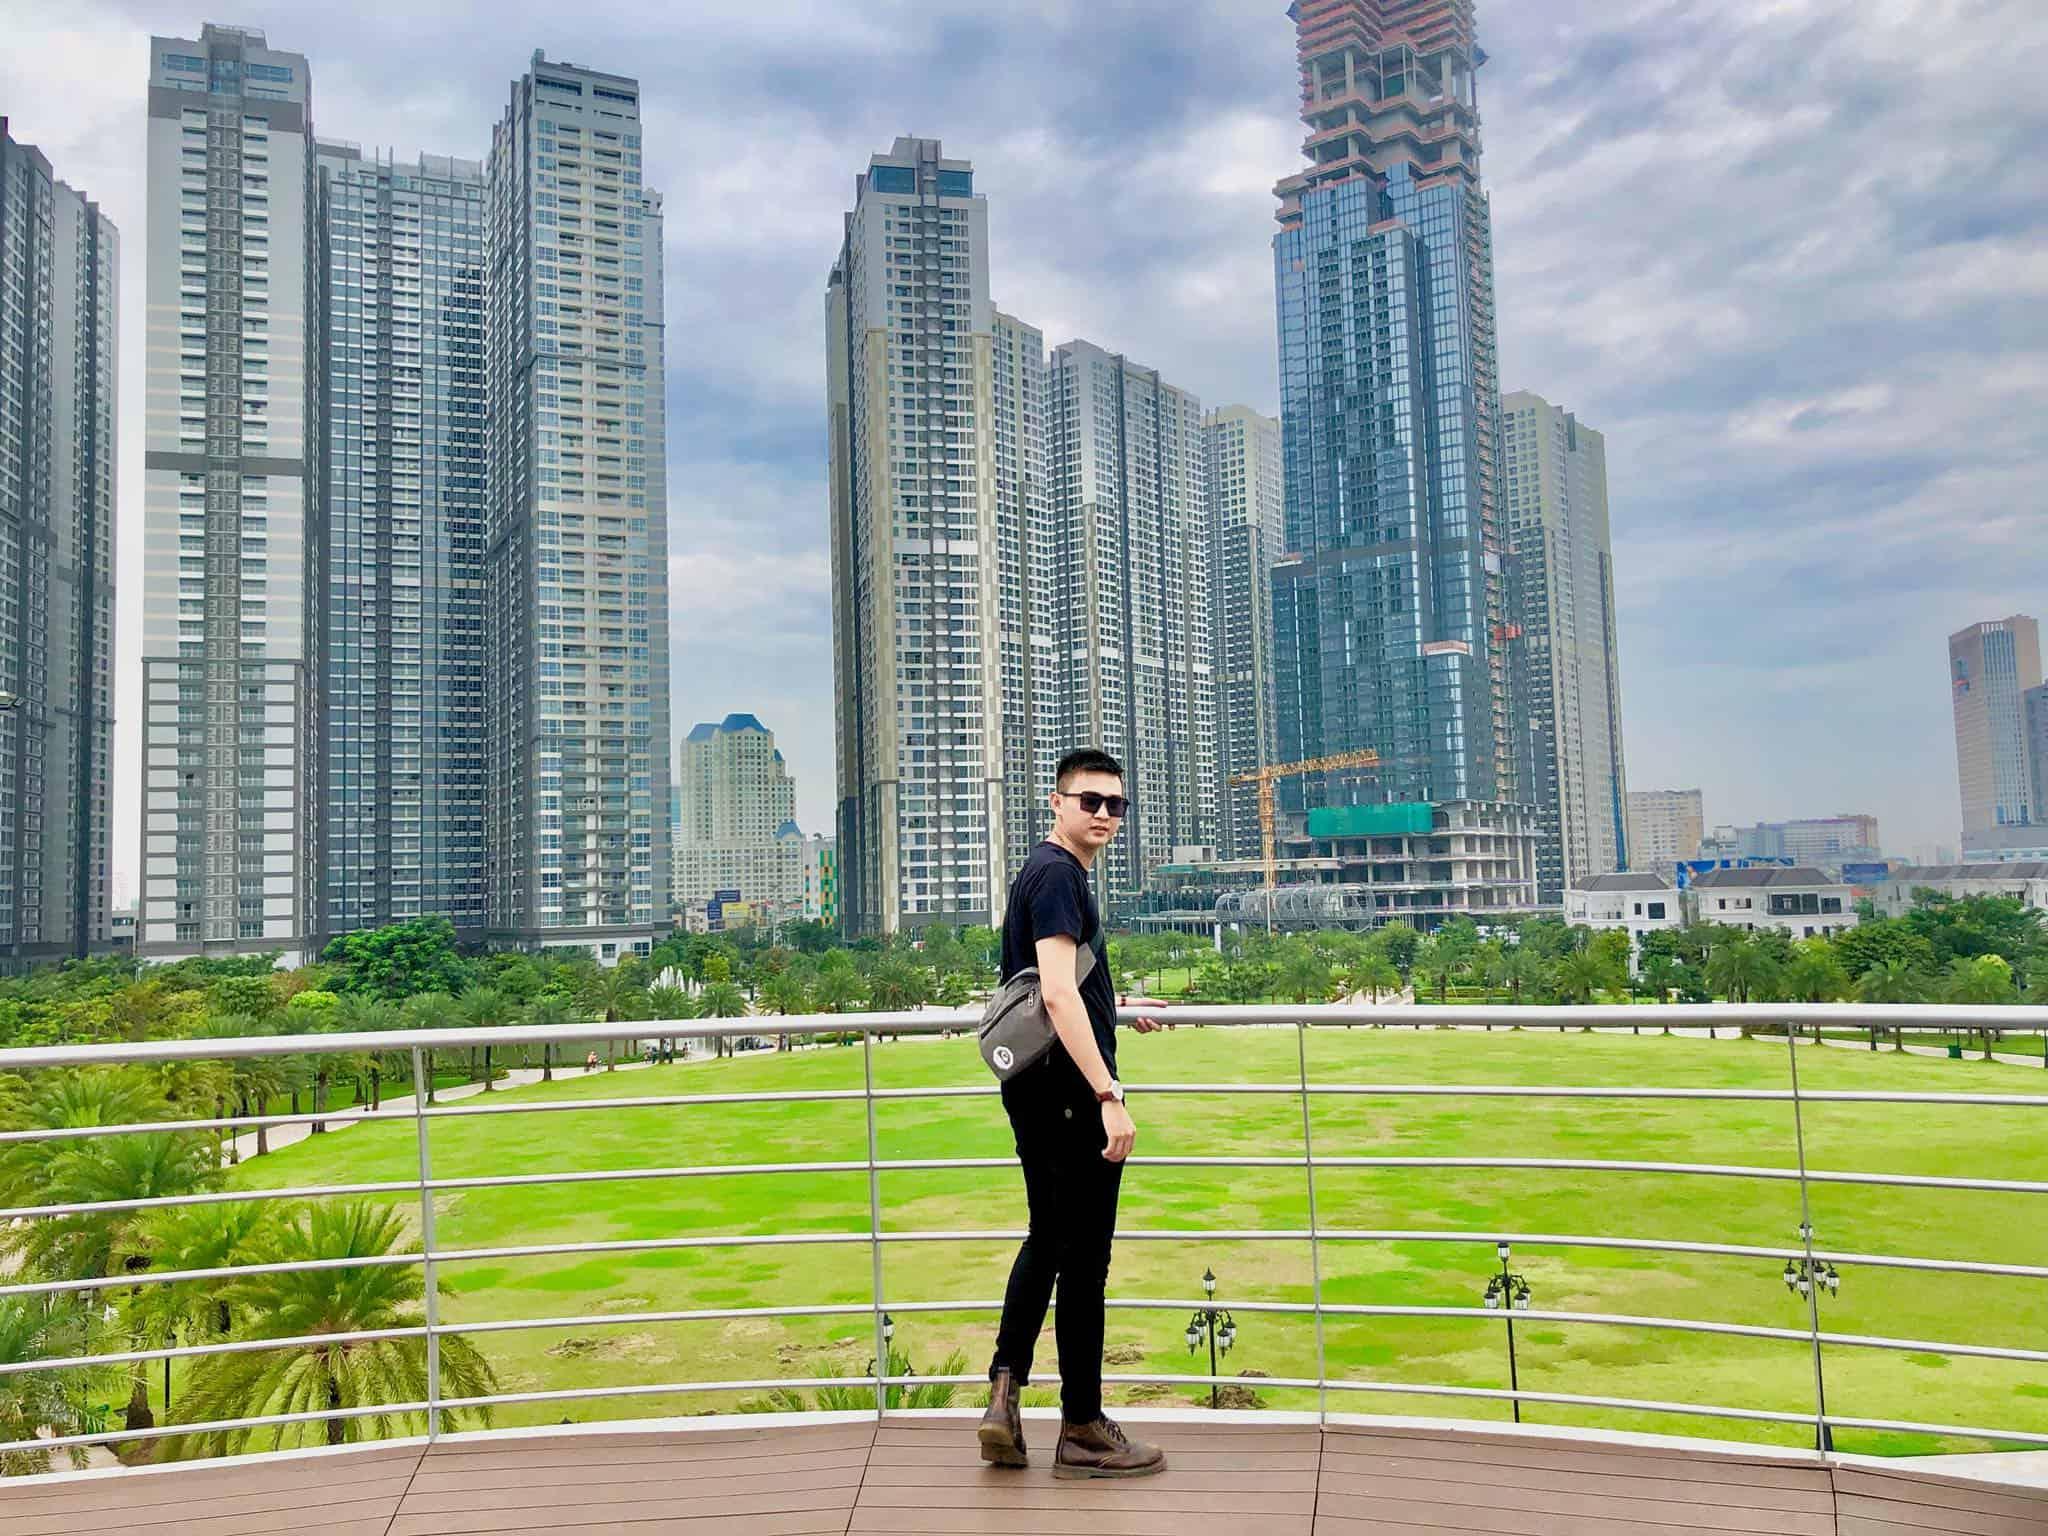 Công viên ven sông lớn nhất Sài Gòn ngay cạnh Landmark 81 - Nguồn ảnh: Internet